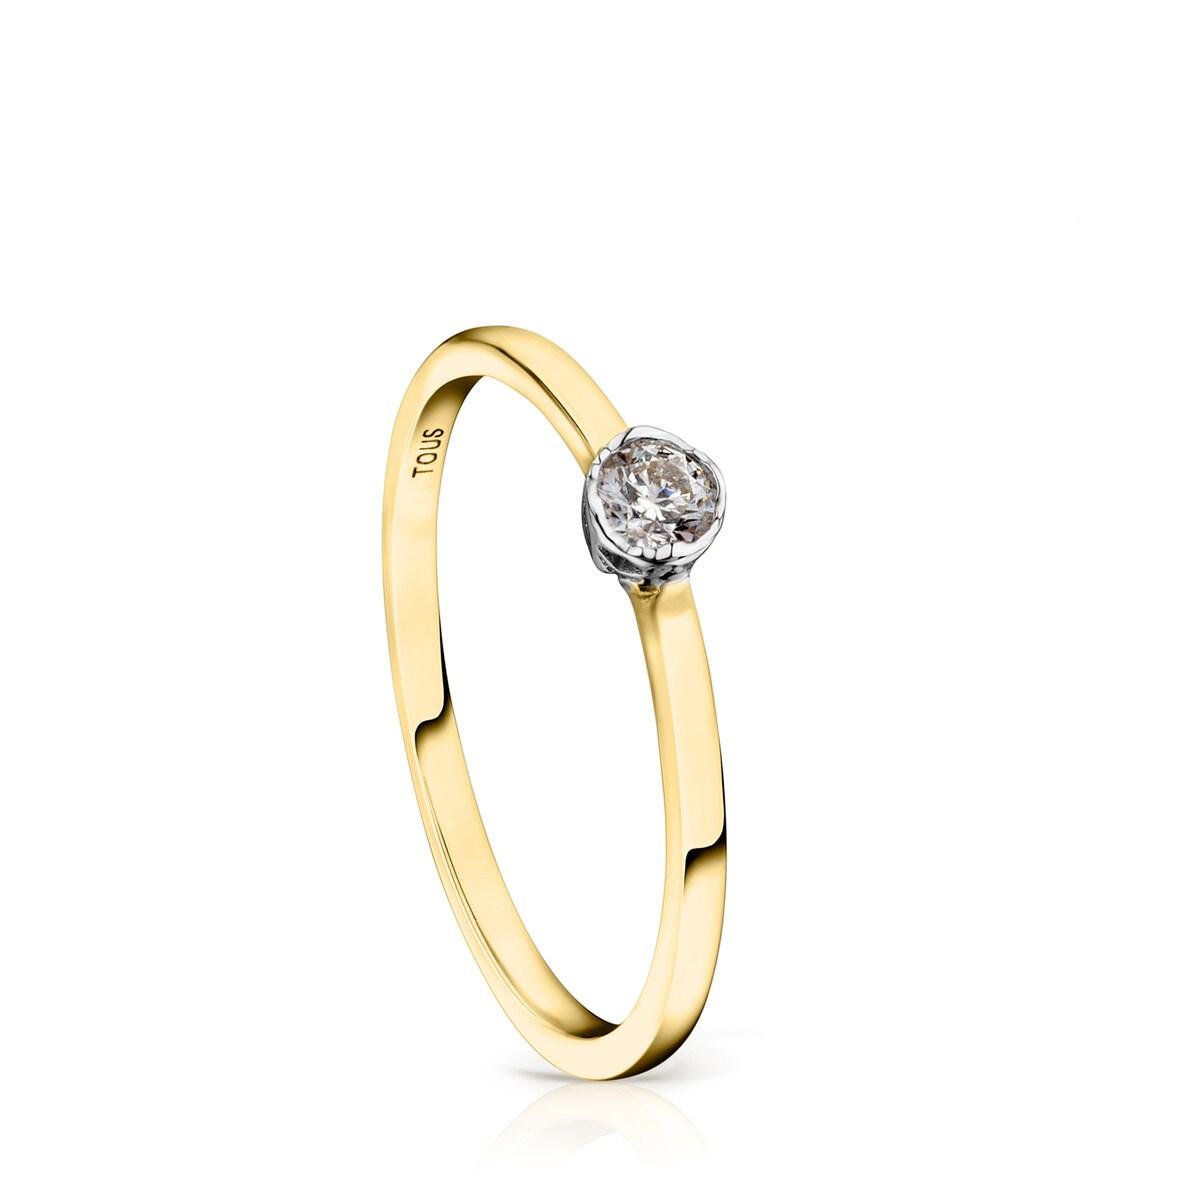 1a5ef3bd516c Anillo Boca Osos de Oro y Diamantes - Sitio web Tous España